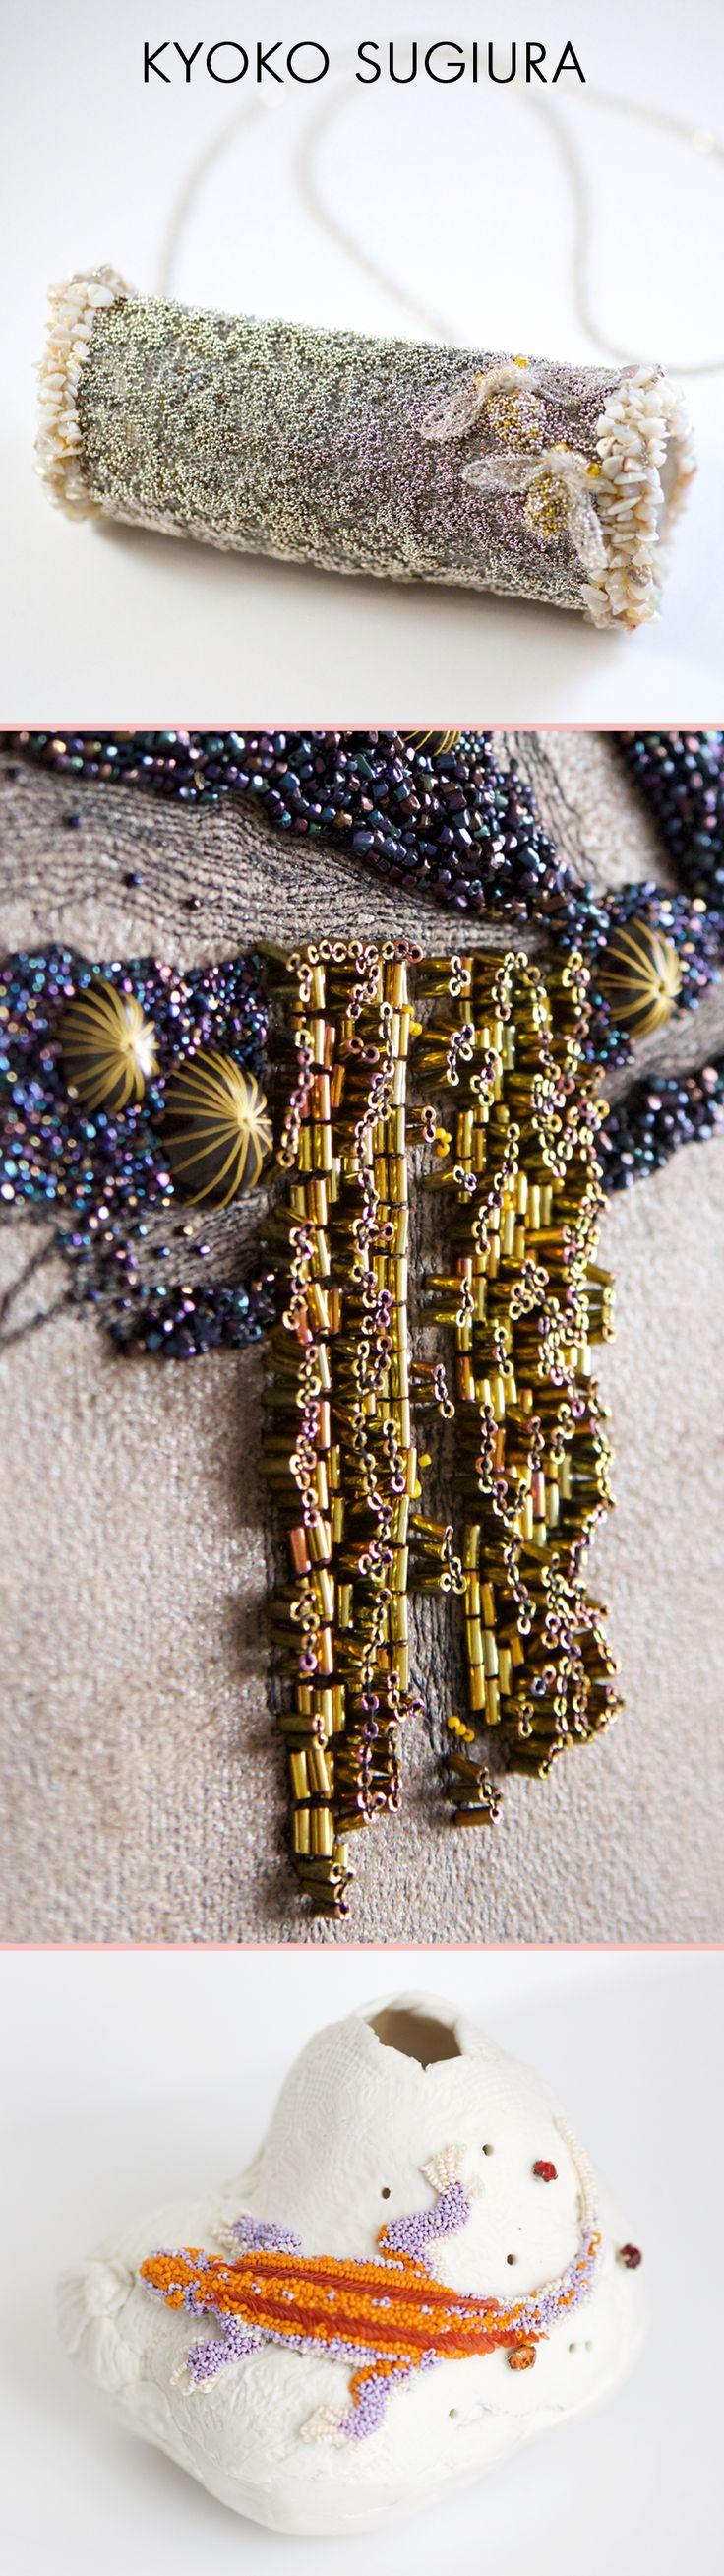 Kyoko Création Broderie est une marque de tableaux, textiles et bijoux brodés à la main par Kyoko Sugiura. Elle sera présente à Révélations en mai prochain 1/ Collier micro-perle ancienne en verre plaqué argent et métal, opale, perle Swarovski, crystal, tulle de soie 2/ Tableau Végétaux et Minéraux en rocaille, cabochon, micro-perle en verre, tube en verre, cuir synthétique 3/ Vase à fleur Lézard sur la terre. Céramique par Akiko Hoshina, micro-perle en verre, organisa de soie © Takeshi…